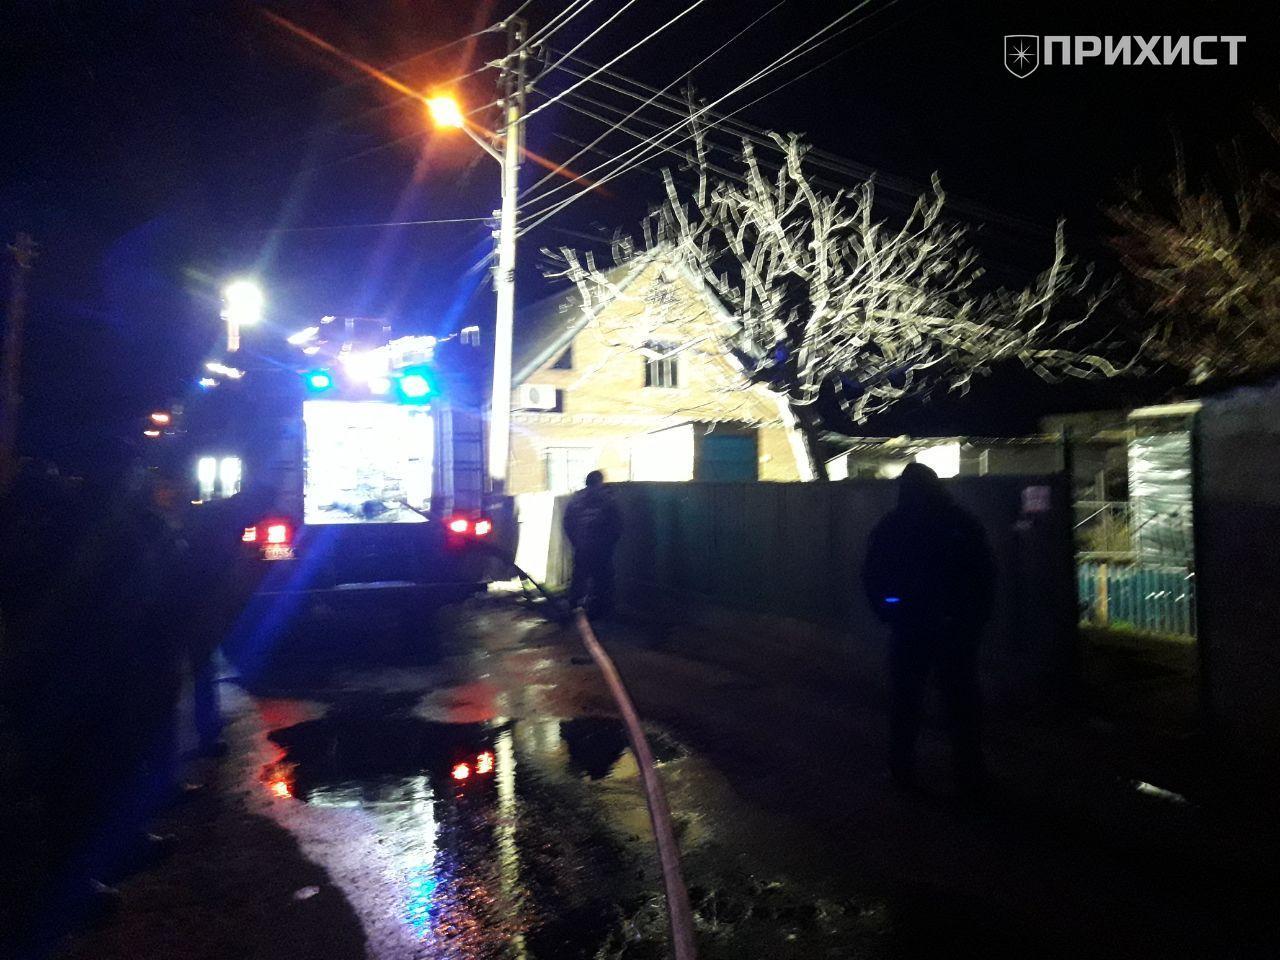 Пожар ночью: в Никополе горел дом   Прихист